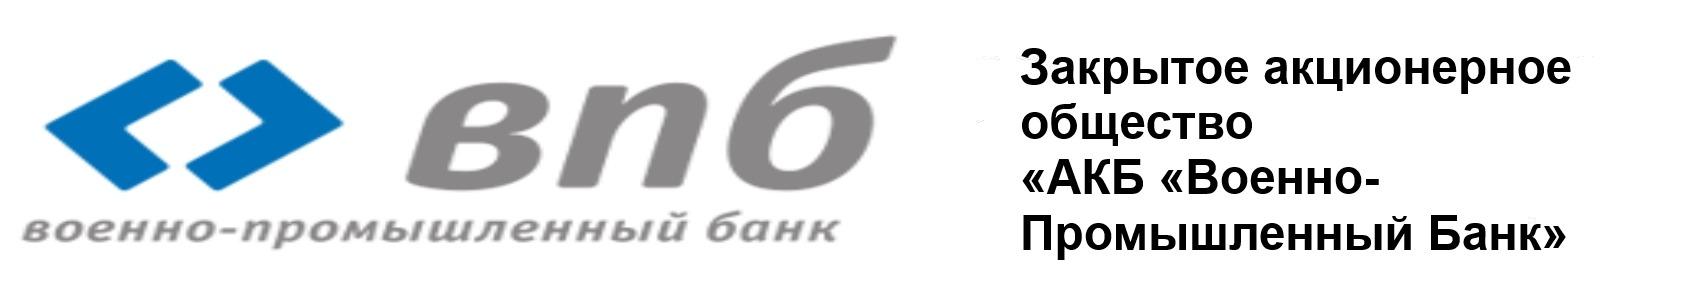 ЗАО «АКБ «Военно-Промышленный Банк»